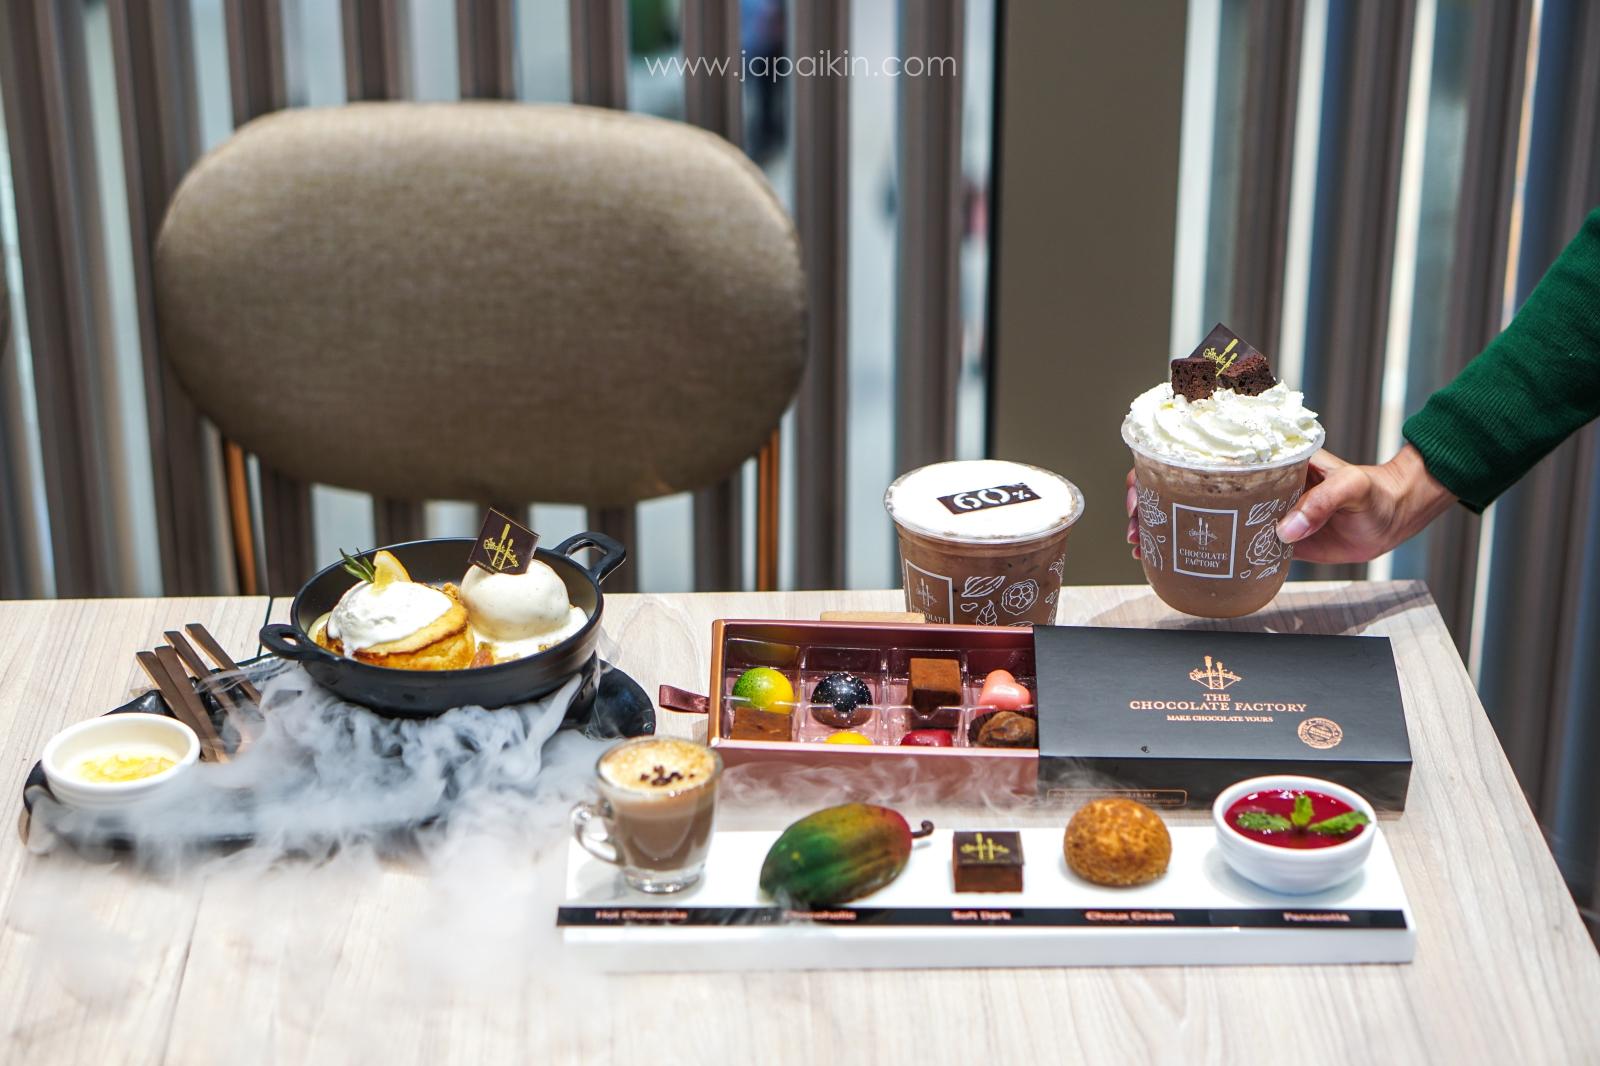 เมนูร้าน The Chocolate Factory สาขาแรกในกรุงเทพ